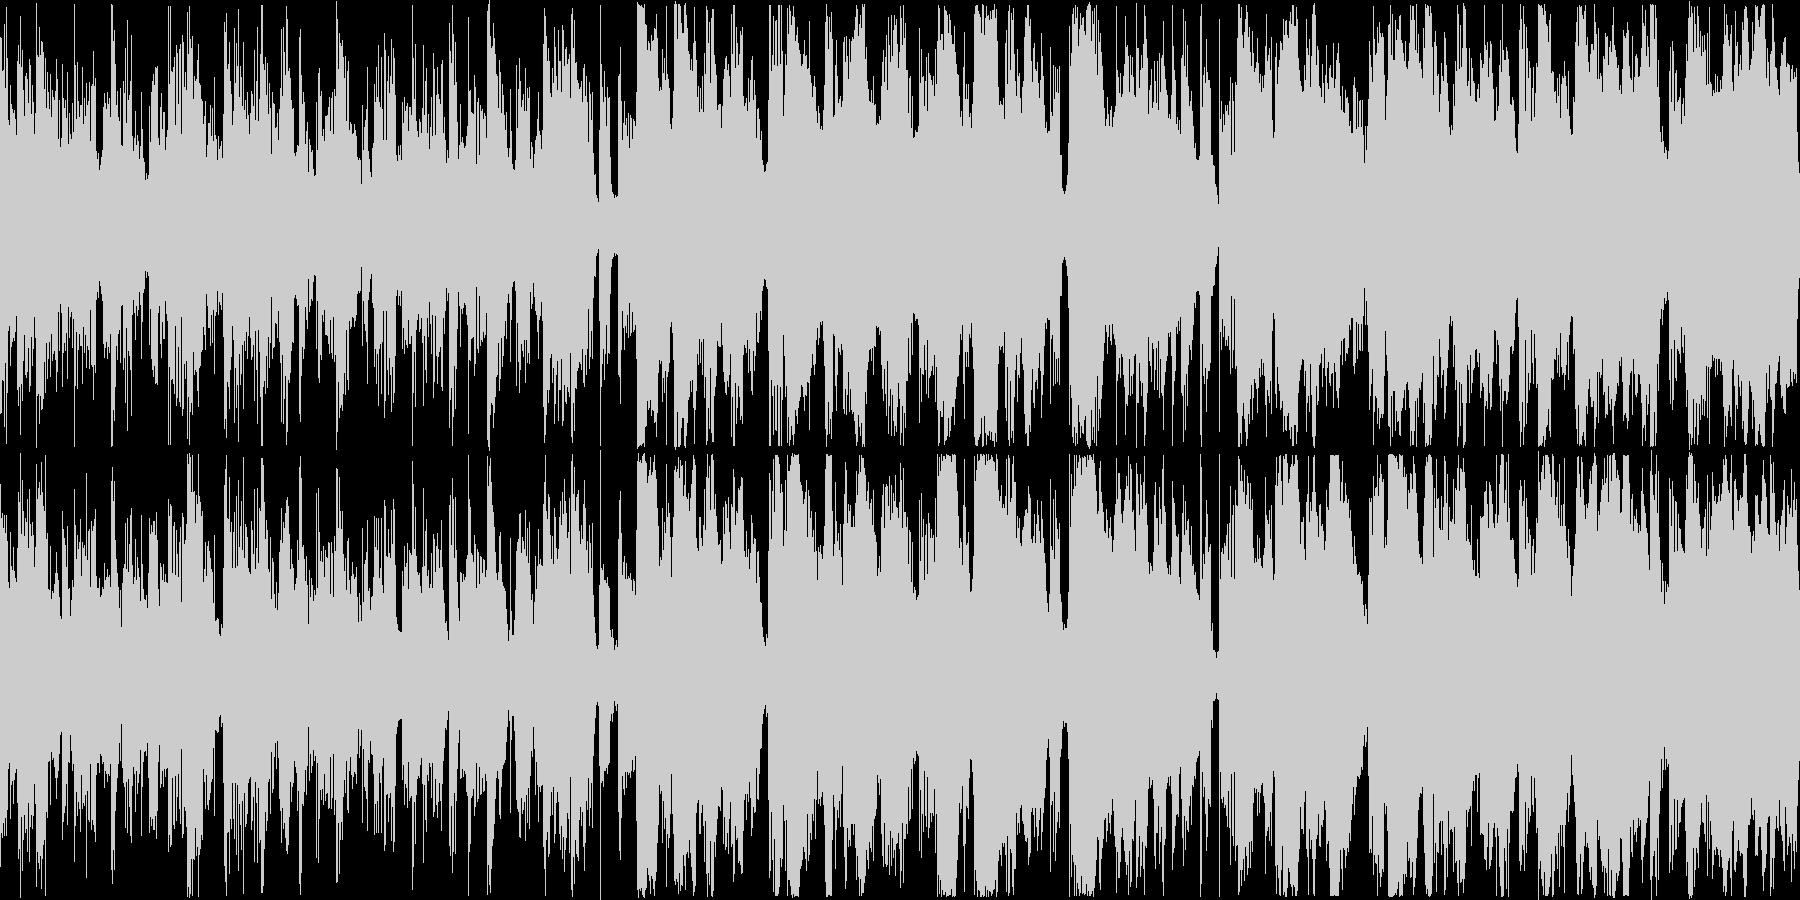 ファンキーなエレクトリックピアノ、...の未再生の波形